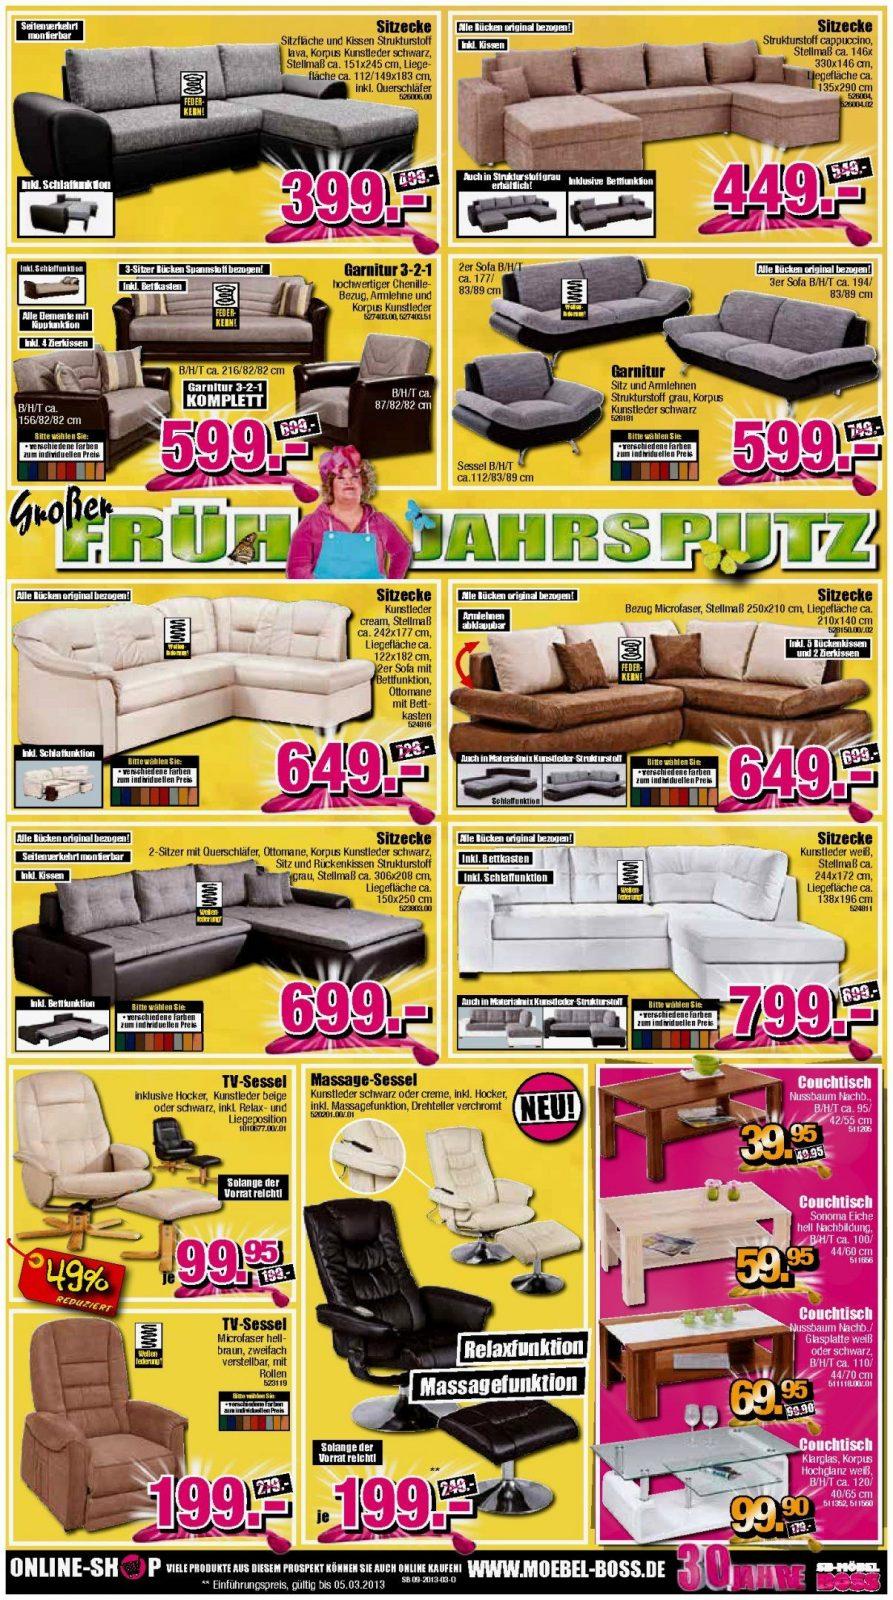 Erstaunlich Couch Möbel Boss Bild Von Möbel Ideen 671990  Möbel Ideen von Möbel Boss Ecksofa Mit Schlaffunktion Photo